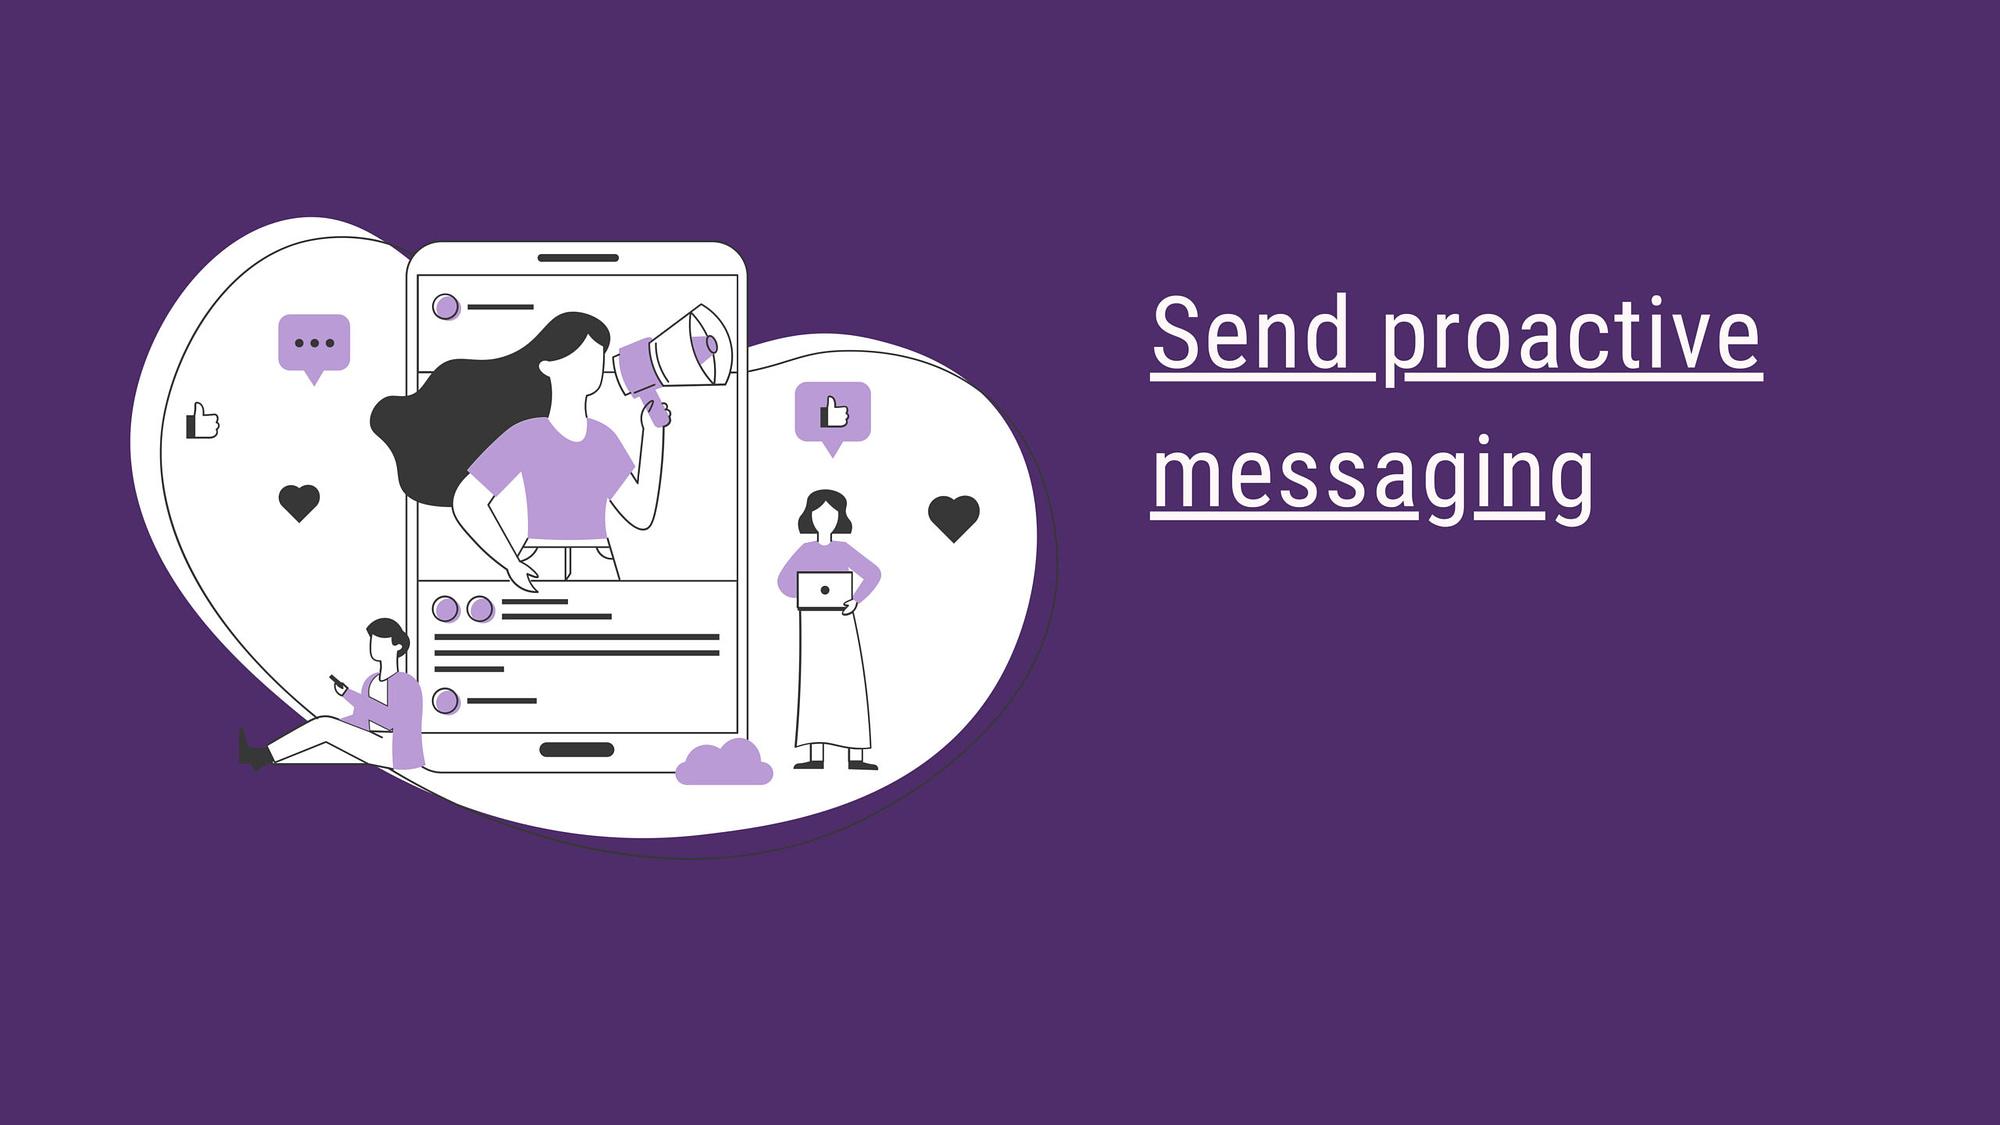 proactive messaging